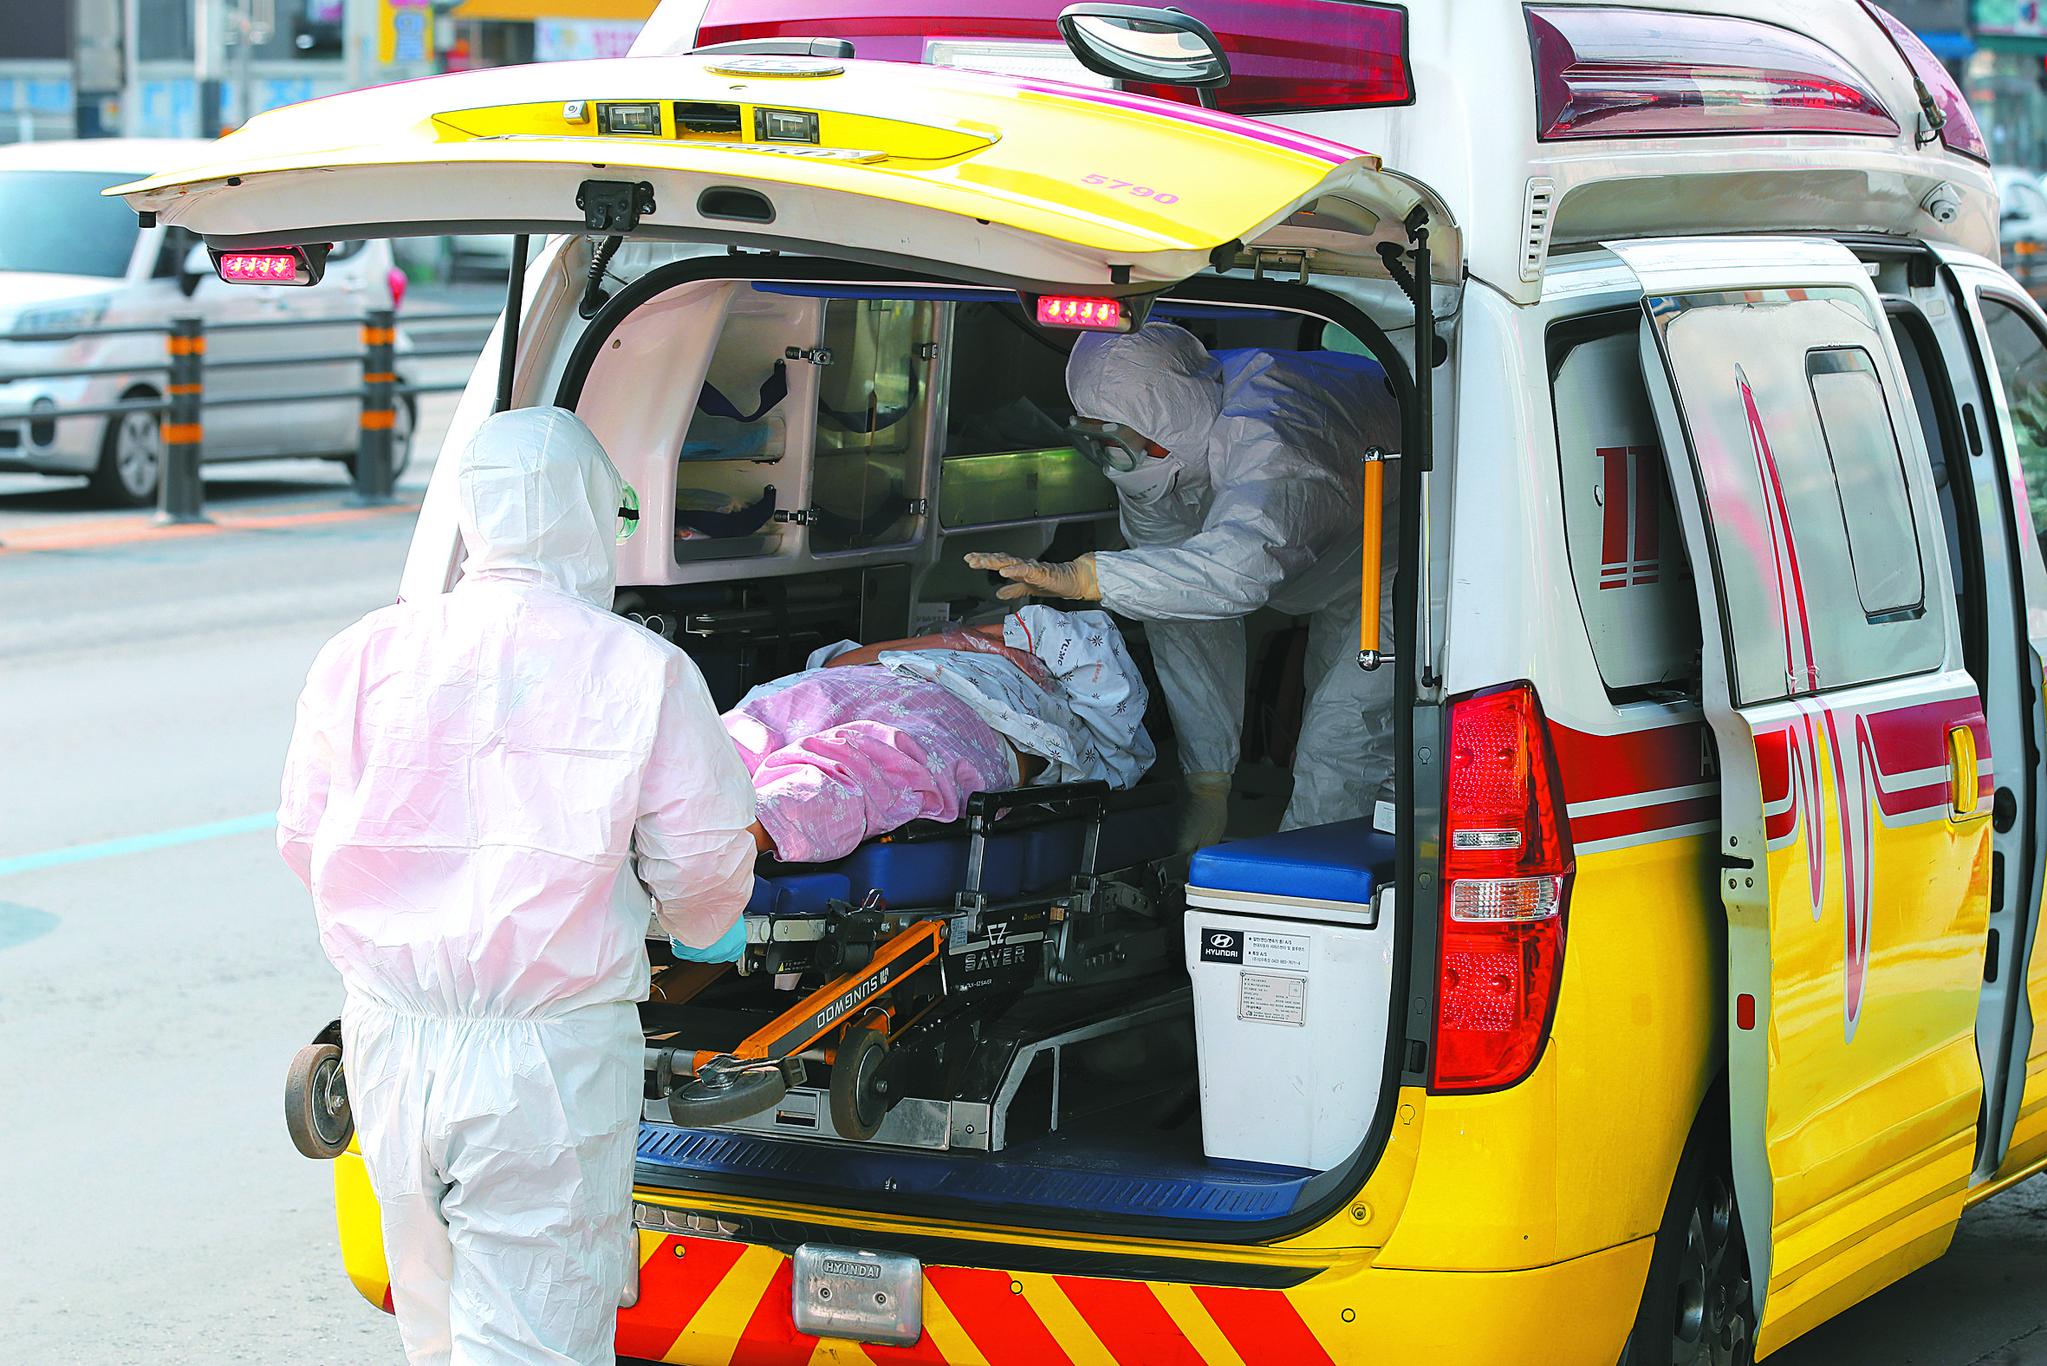 환자와 직원 등 70여 명의 신종 코로나바이러스 감염증(코로나19) 확진자가 발생한 대구 서구 비산동 한사랑요양병원에서 19일 오전 보호복을 착용한 119구급대원이 확진자를 구급차에 태우고 있다. 뉴스1